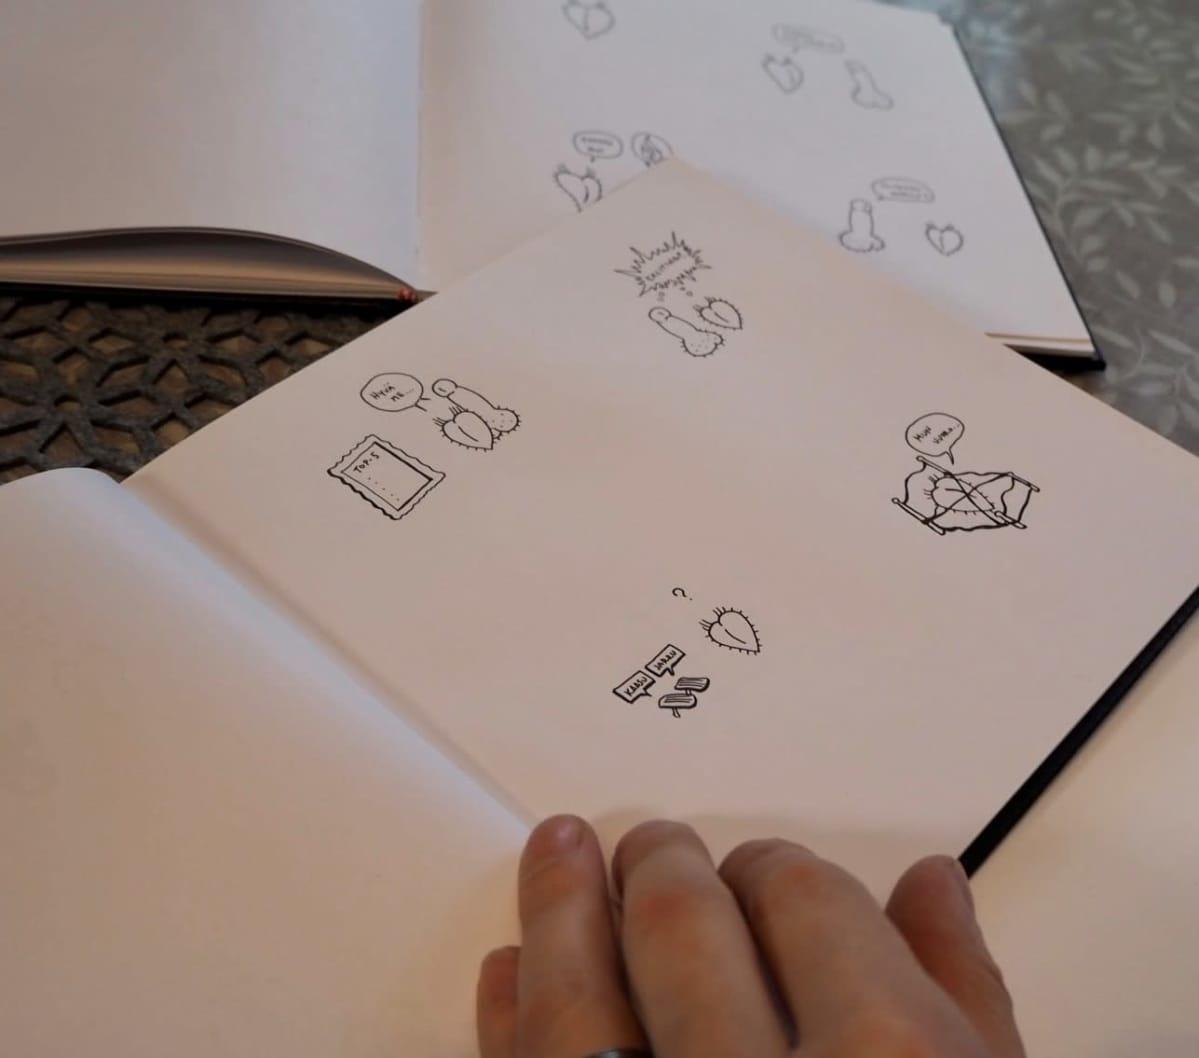 Vihkon sivu, jossa useita piirroksia, jotka esittävät miehen ja naisen sukupuolielimiä.